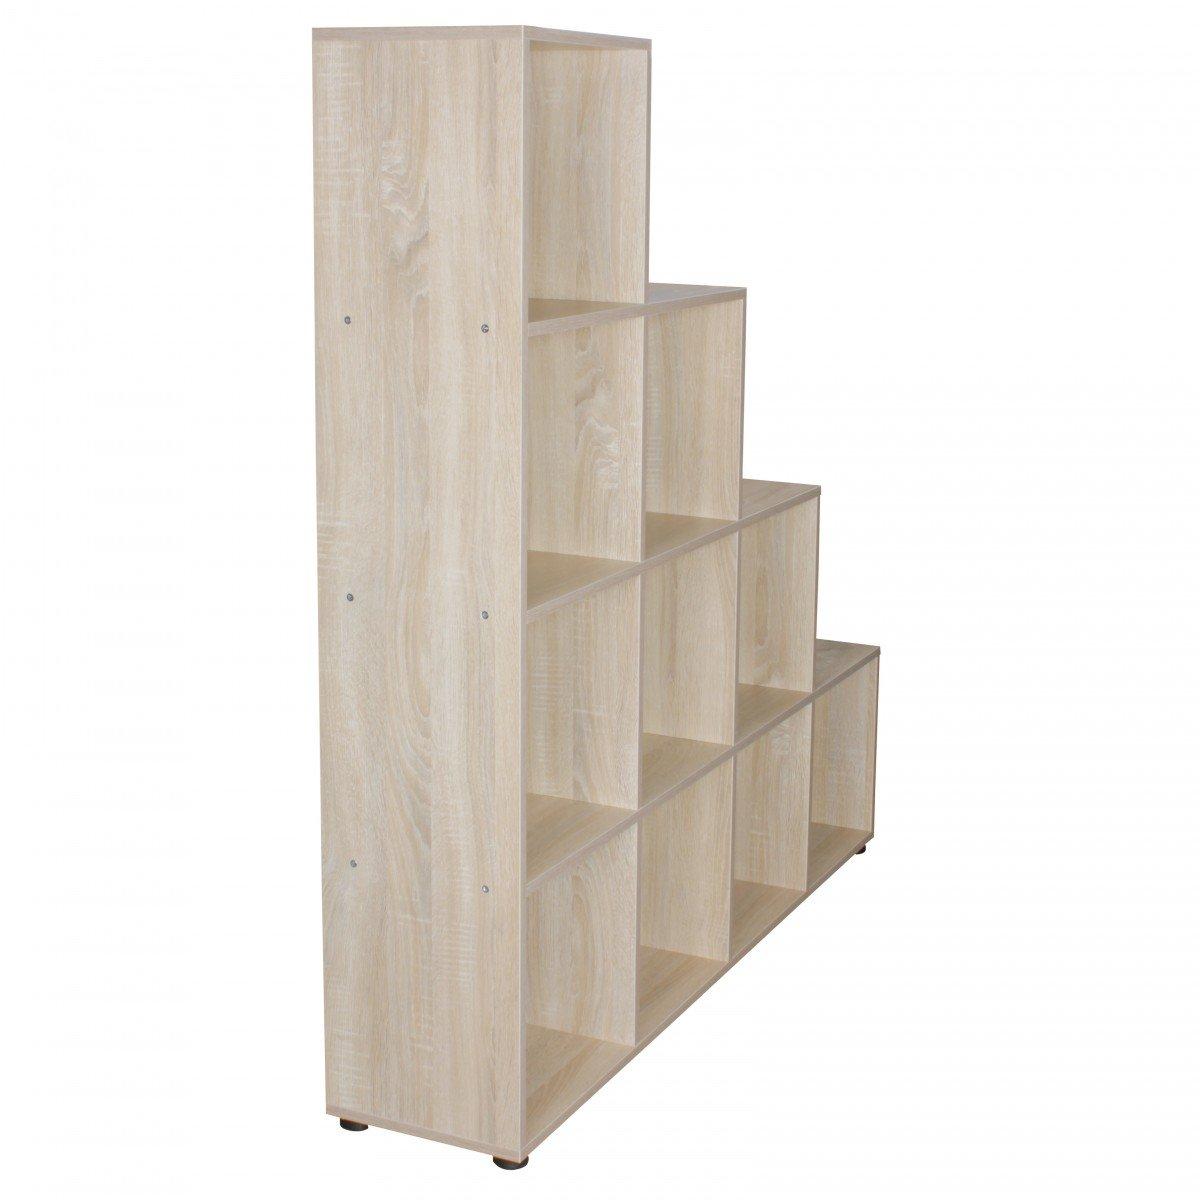 FineBuy Stufenregal Lucia Sonoma Eiche Treppenregal für für für Ordner & Bücher 10 Fächer Holz   Design Raumteiler Regal   Modernes Aktenregal   Bücherregal 4d02c6